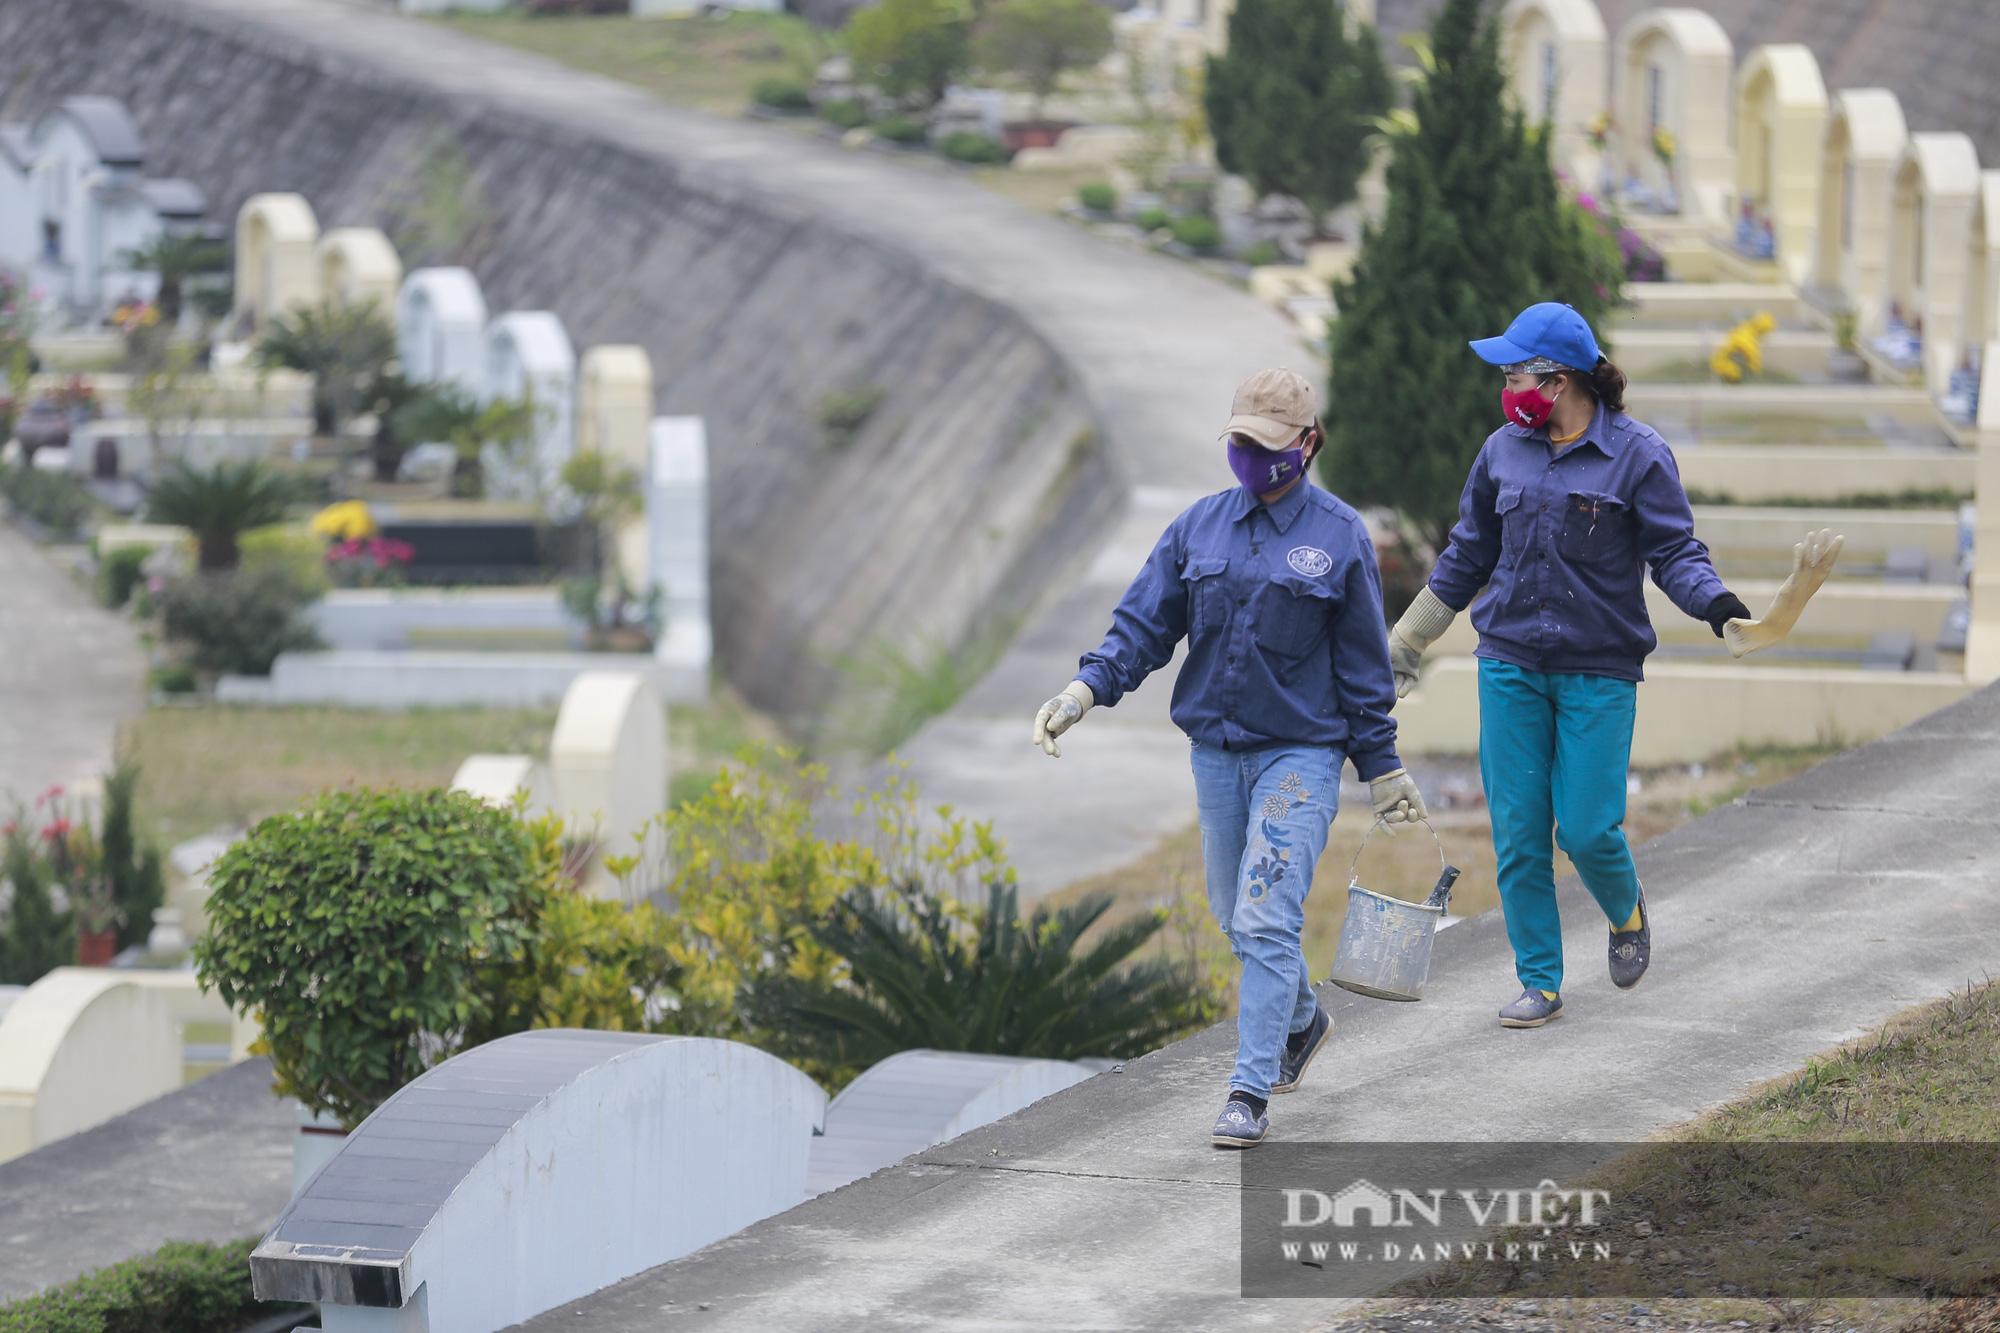 Siêu công viên nghĩa trang 5 sao nhộn nhịp những ngày cận Tết Nguyên đán - Ảnh 9.